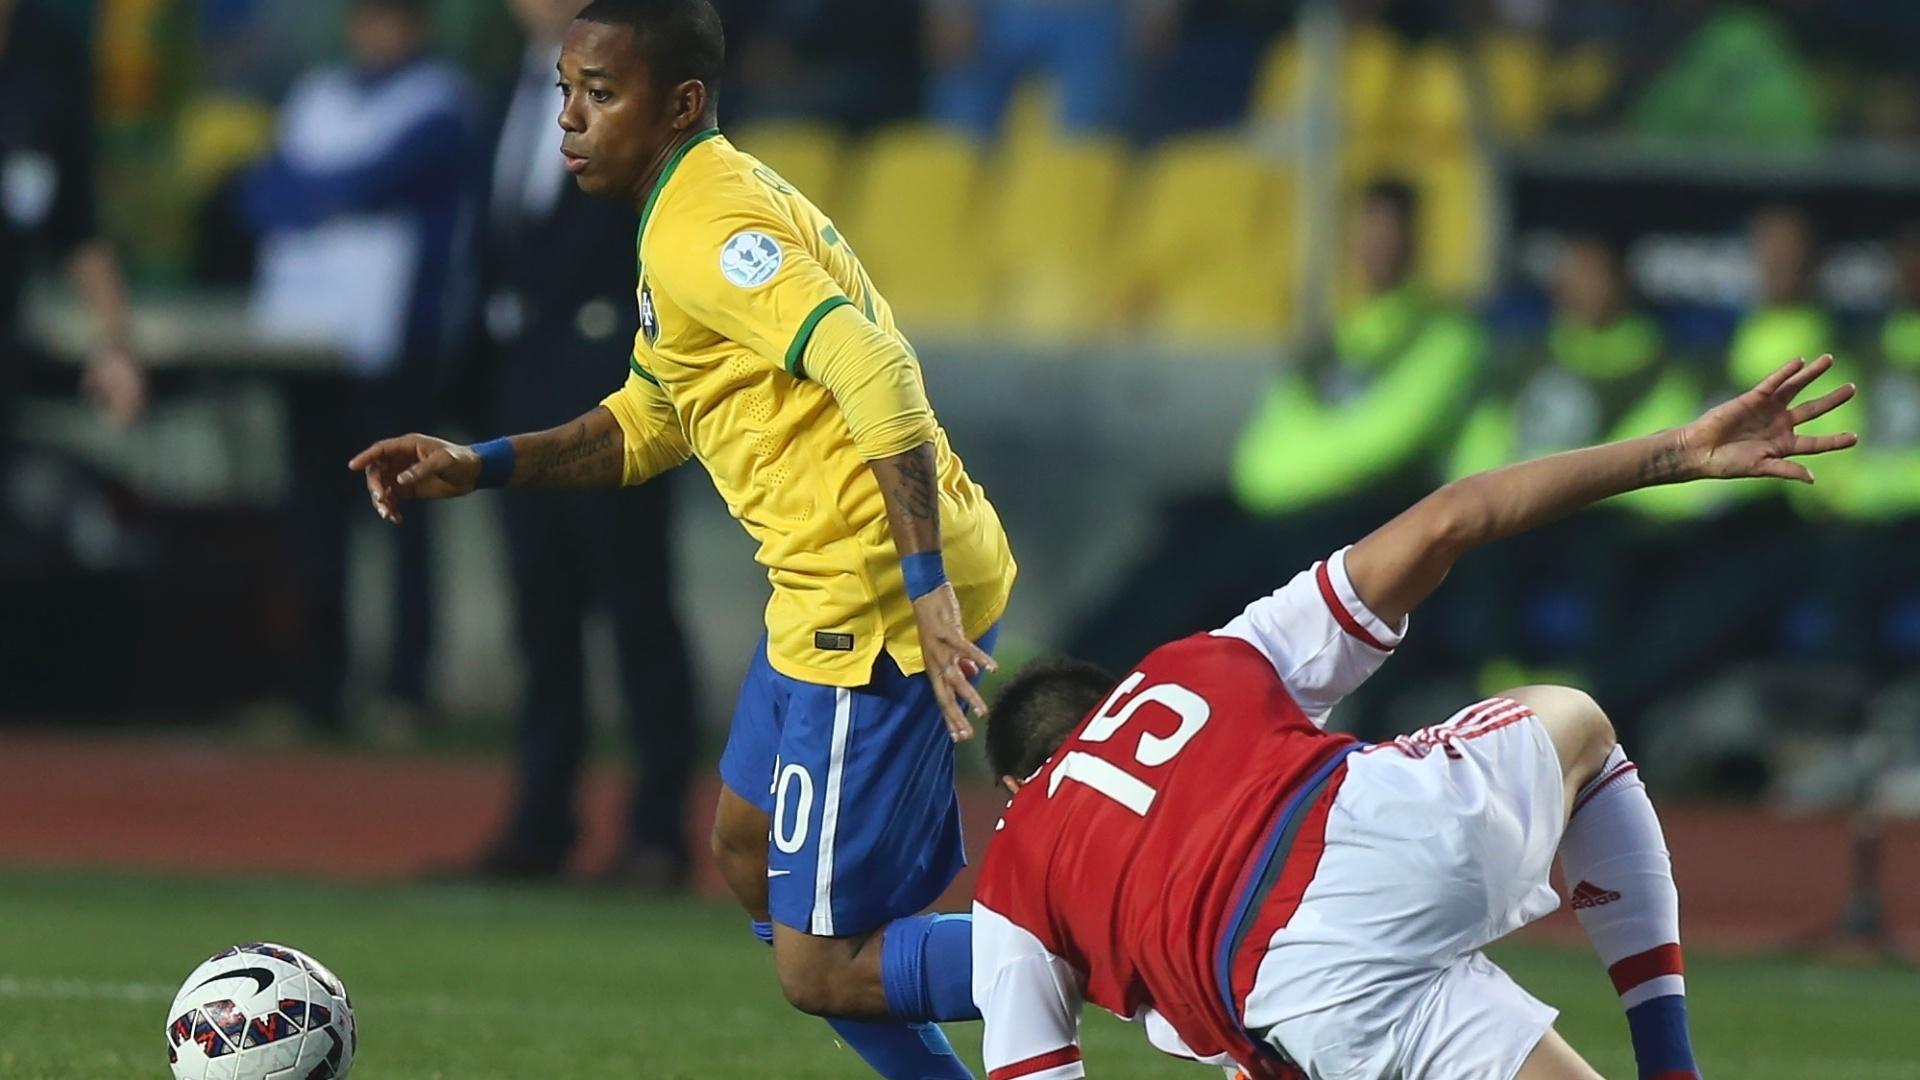 Robinho tenta fugir da marcação do jogador paraguaio em jogo do Brasil na Copa América